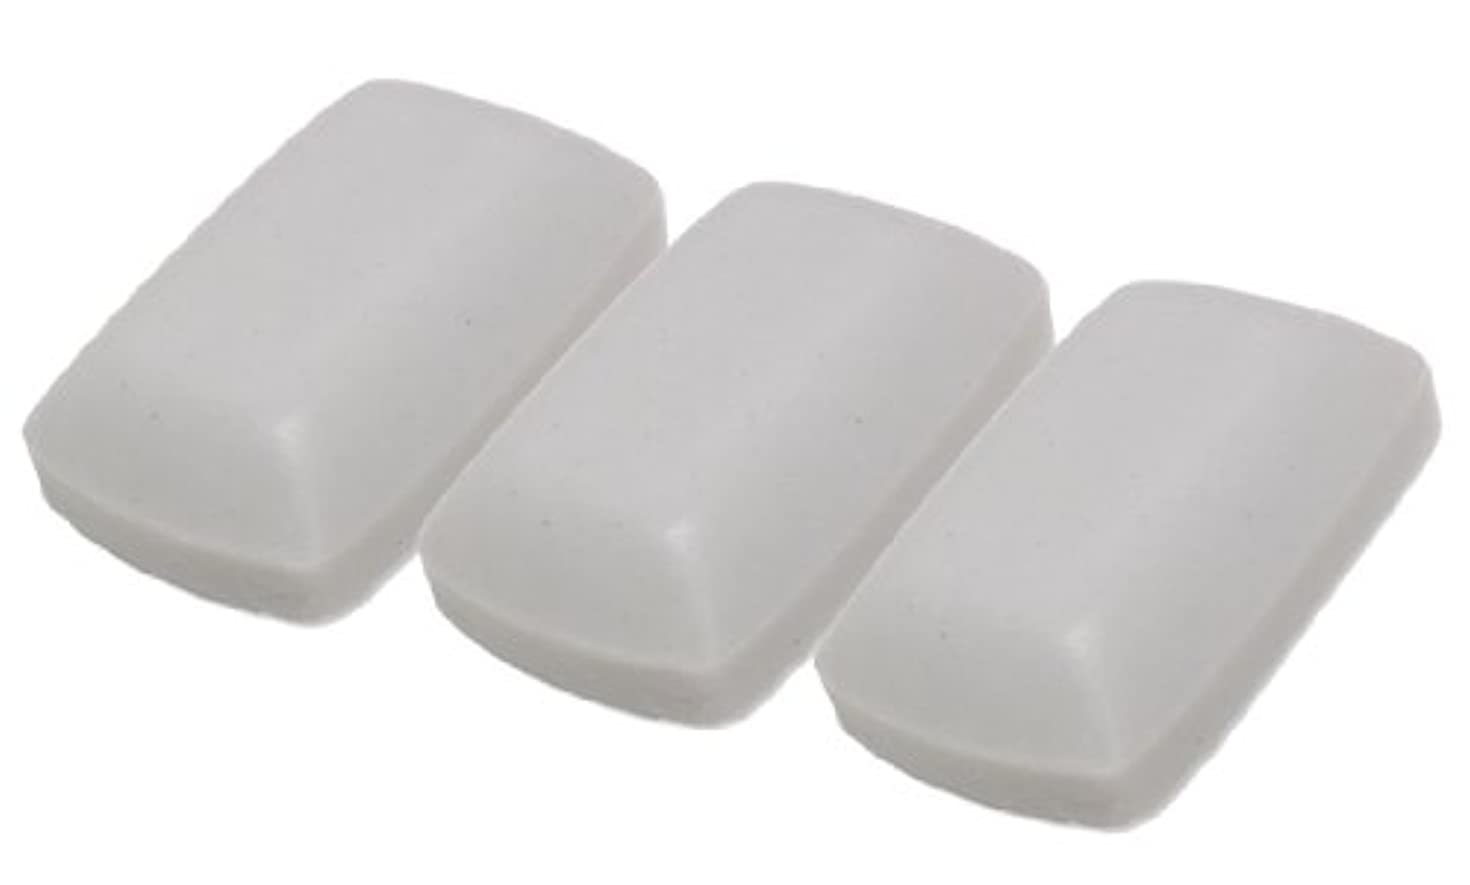 ドレイン高尚な形不思議な石鹸「ゆらぎ乃せっけん」3個セット